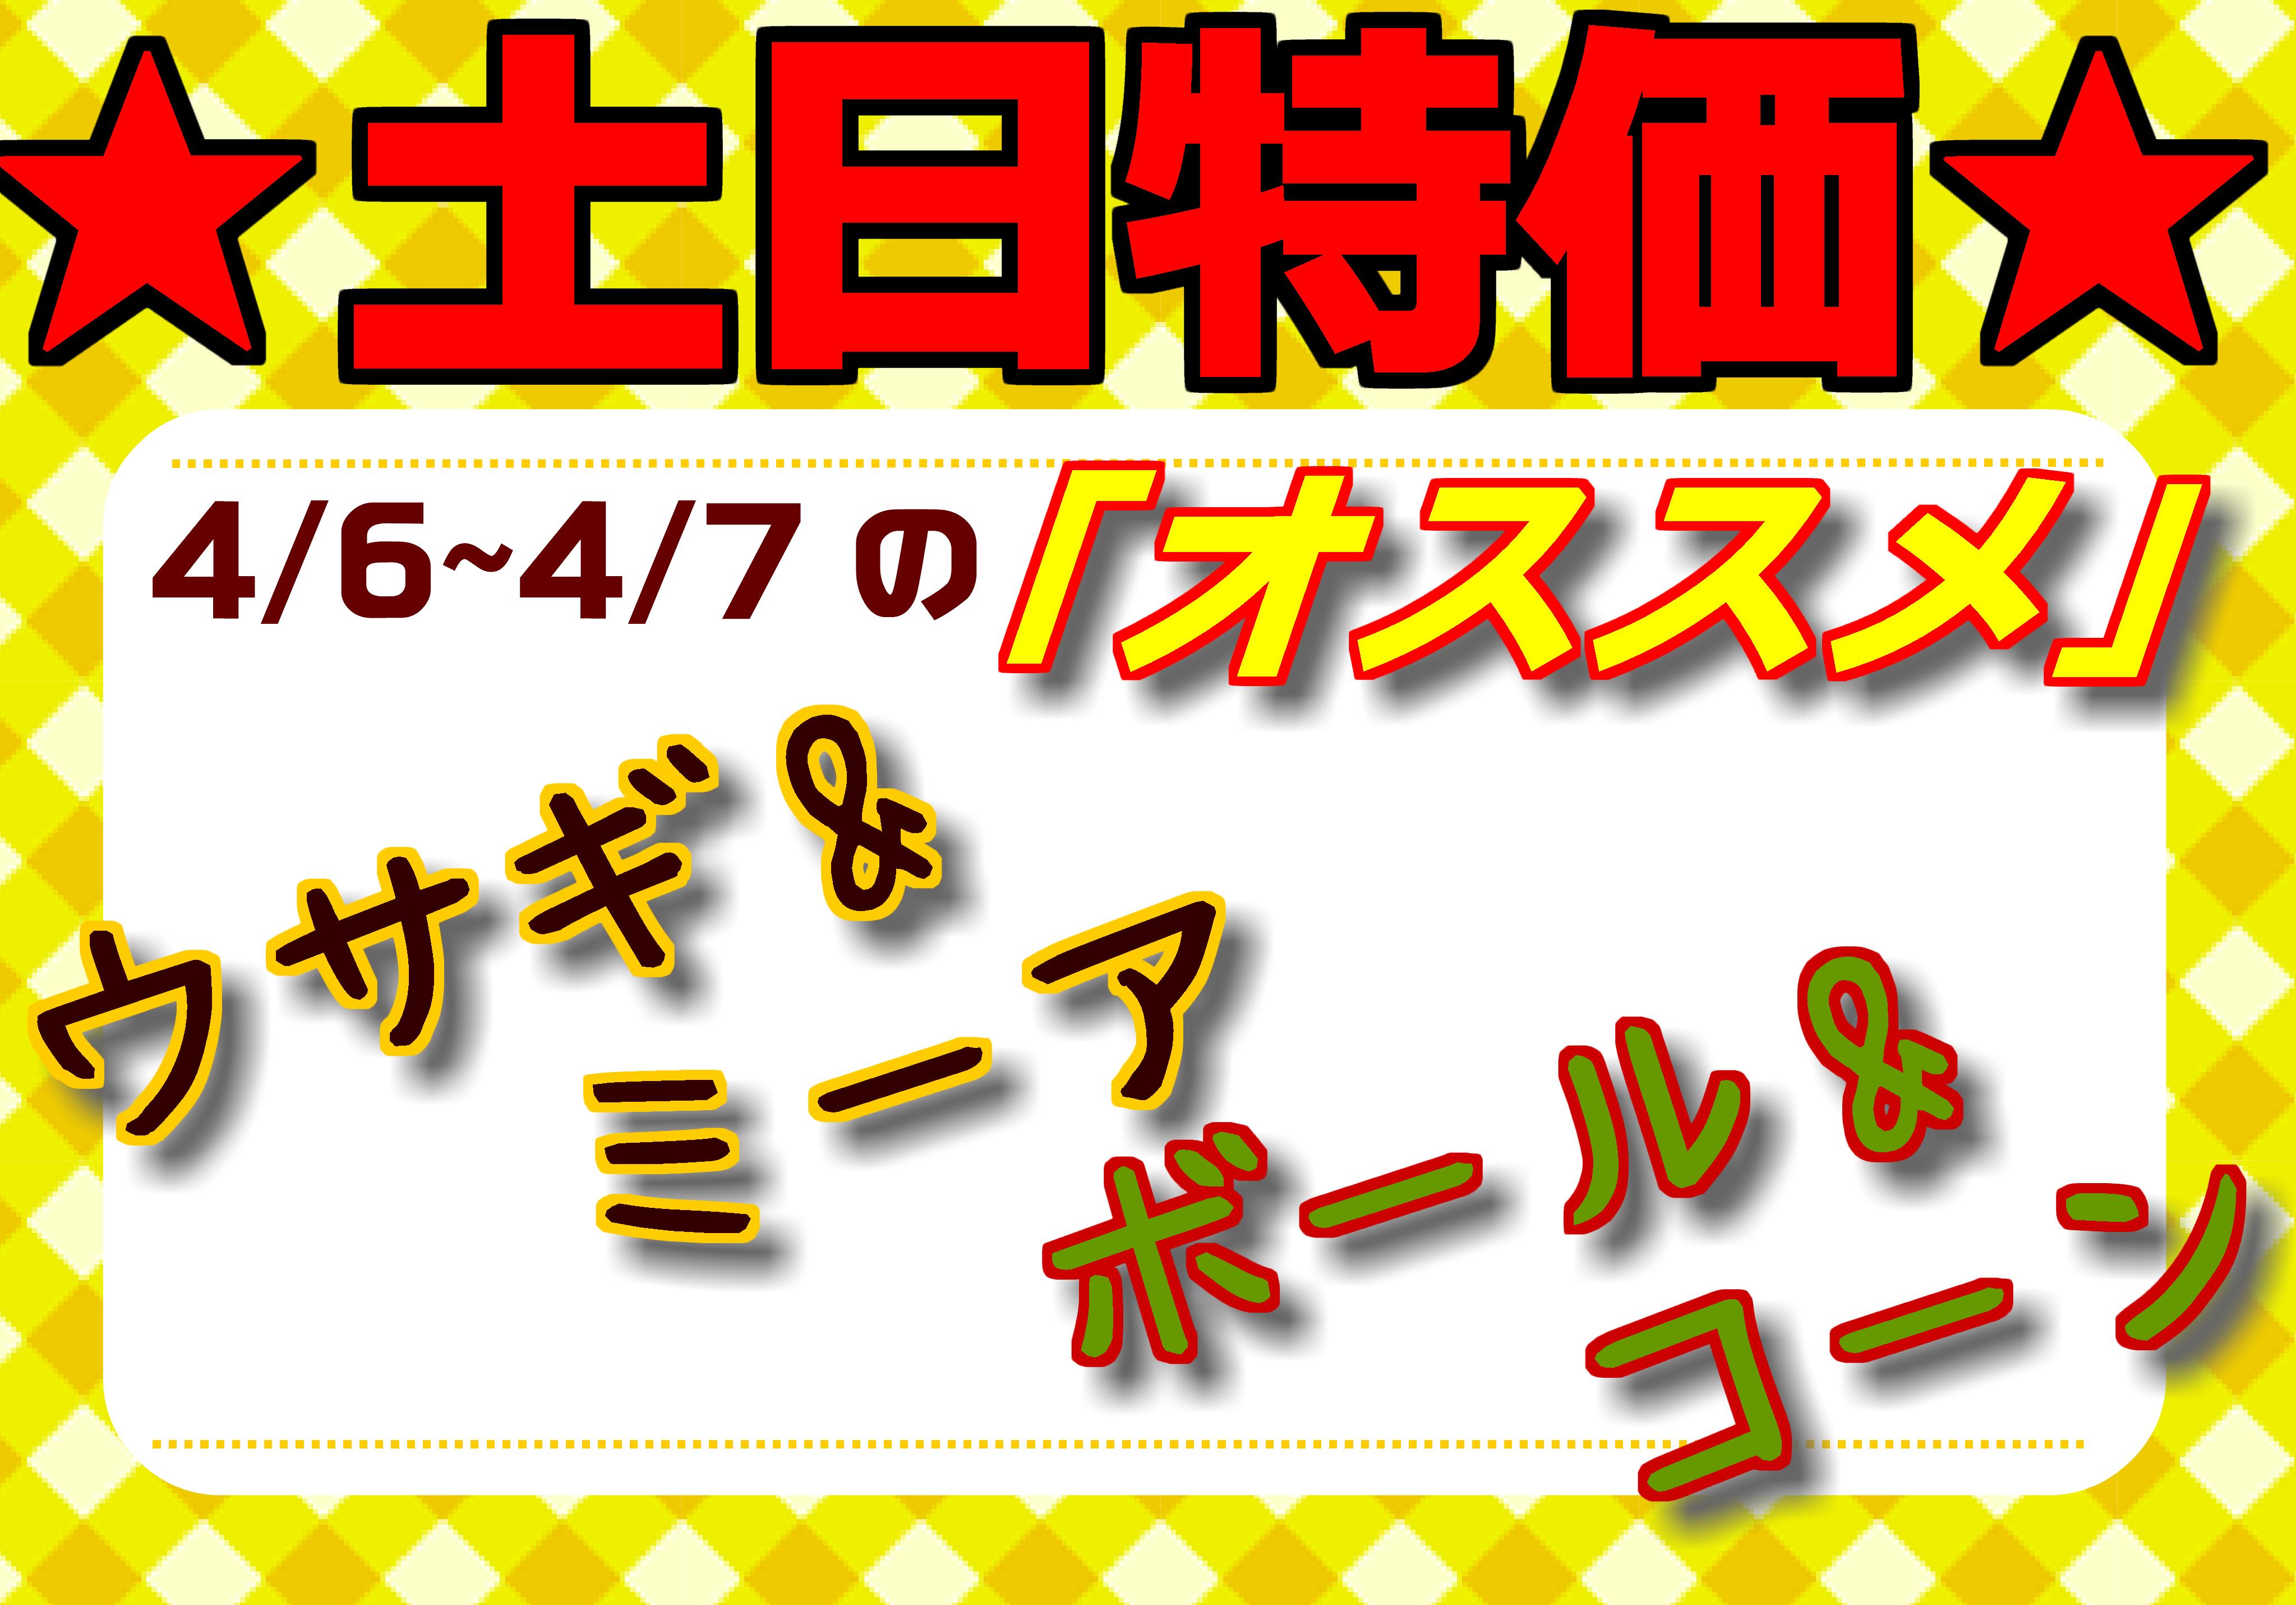 【春ペポニ】6日・7日の土日特価